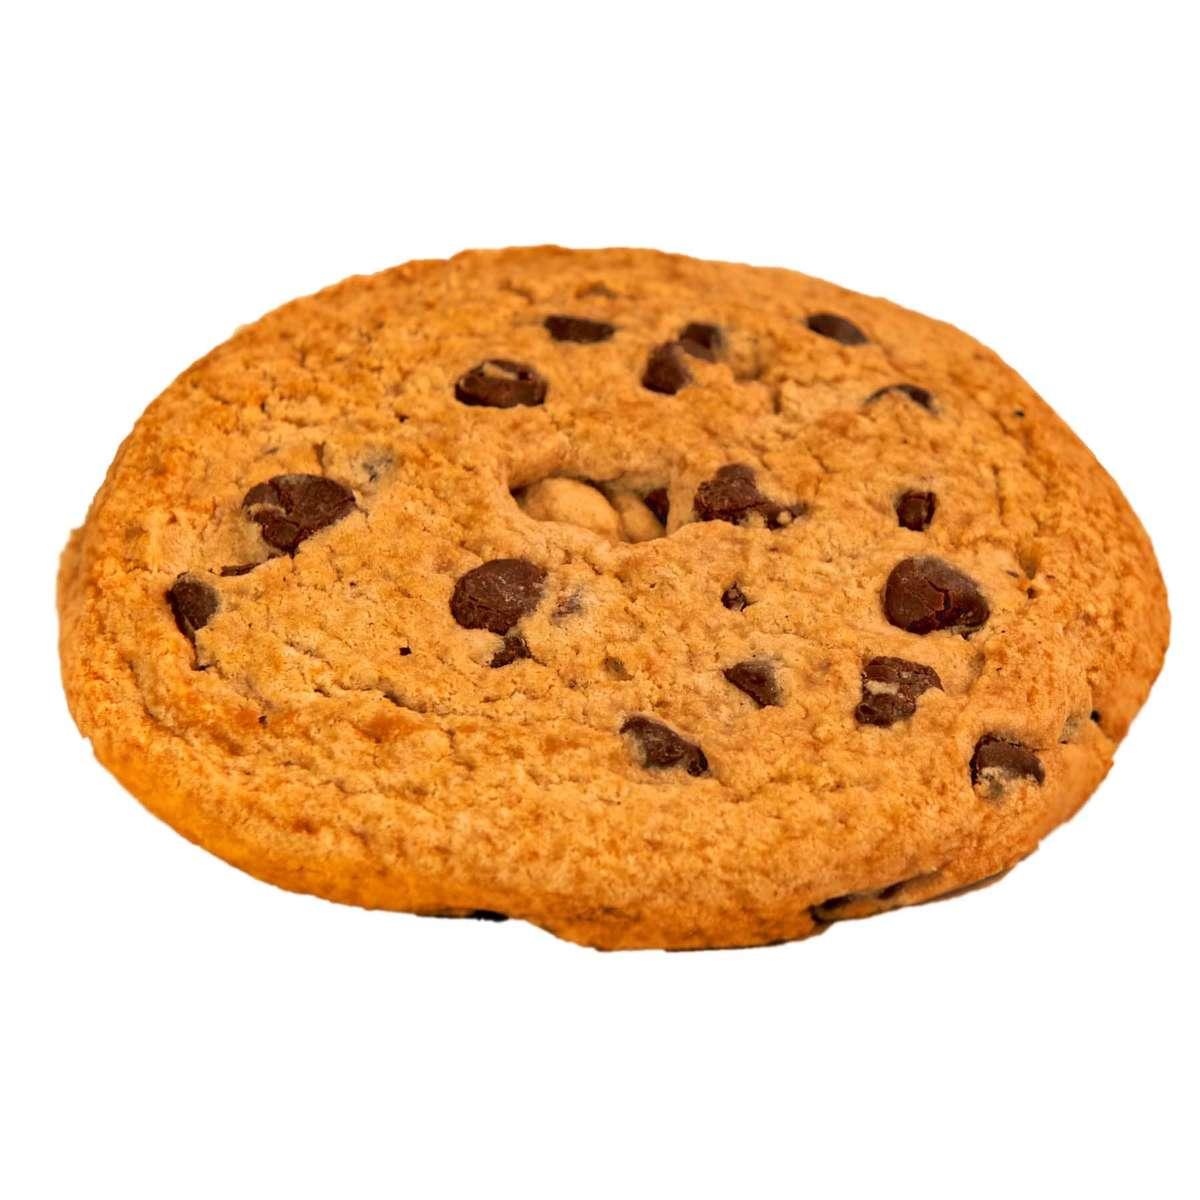 XL Choco-Chip Cookie